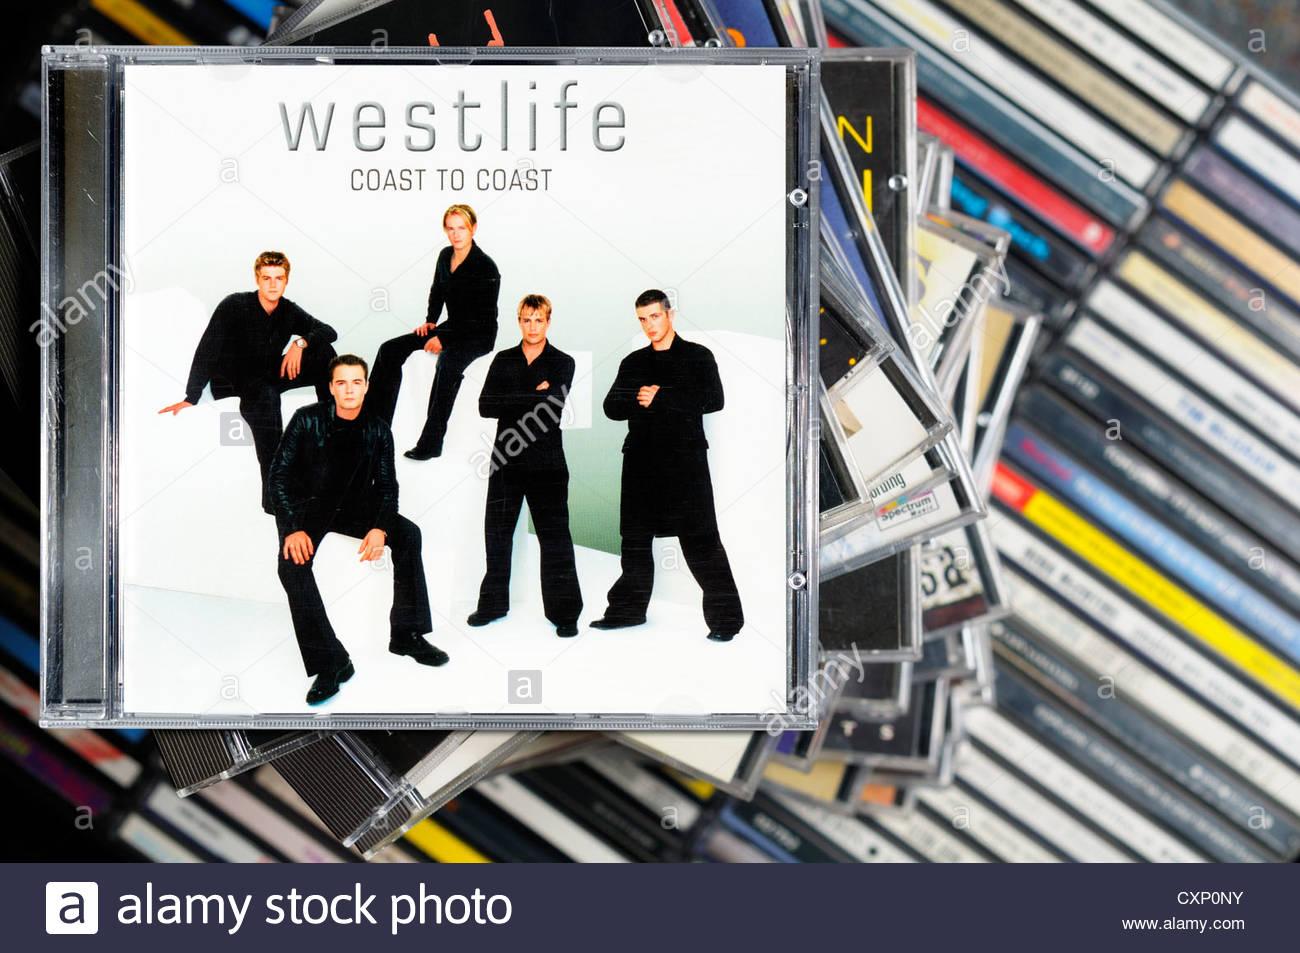 westlife album coast to coast piled music cd cases